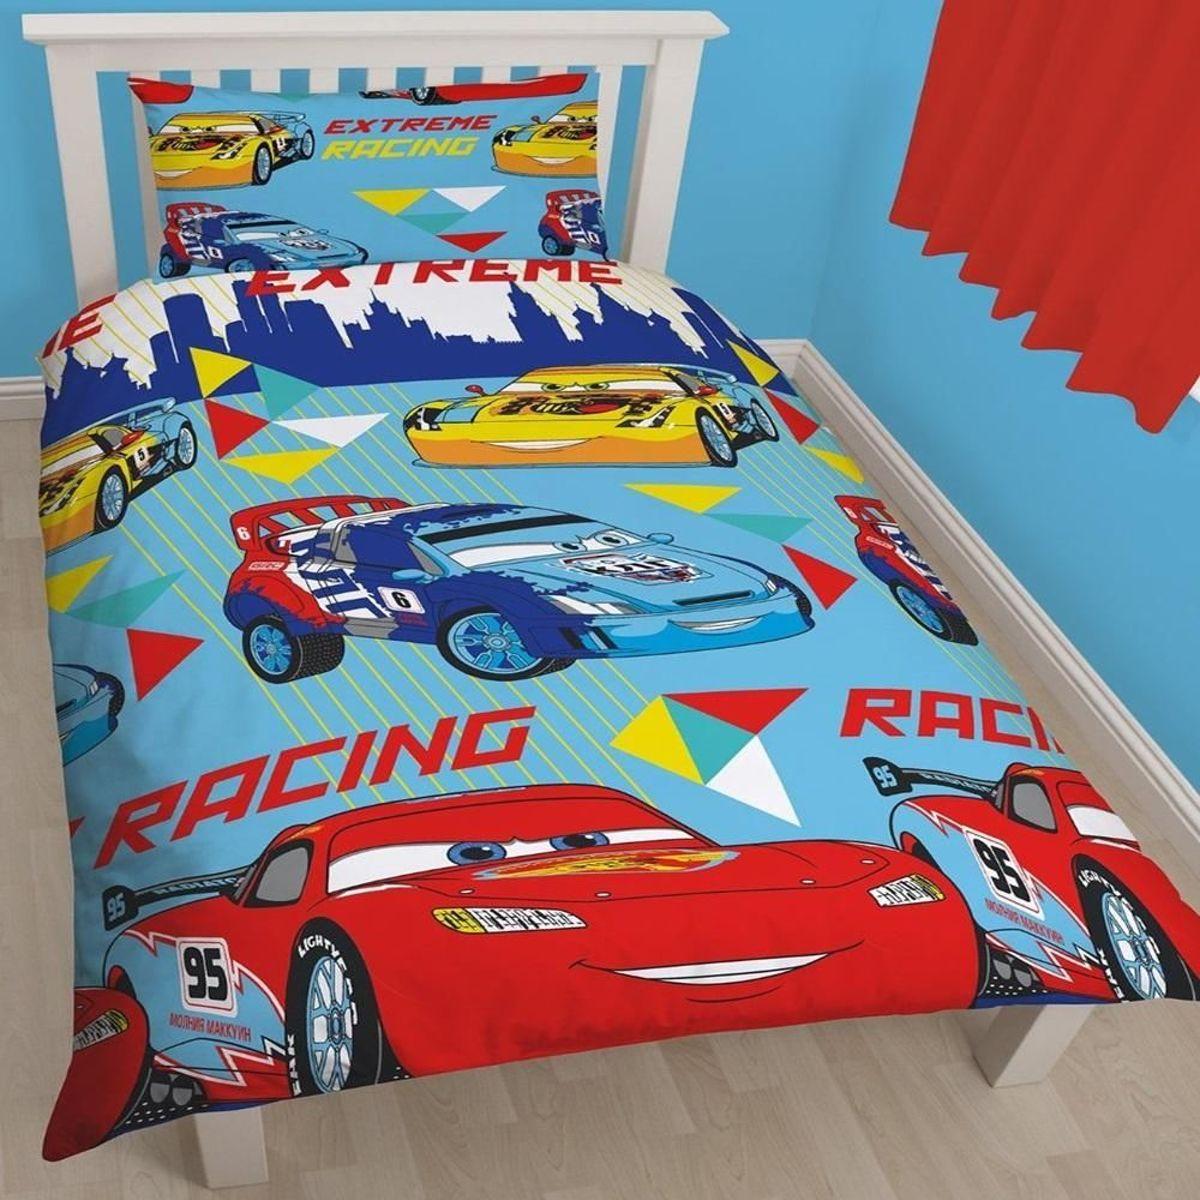 Disney Cars Racing - Dekbedovertrek - Eenpersoons - 135x200 cm - Multi kopen